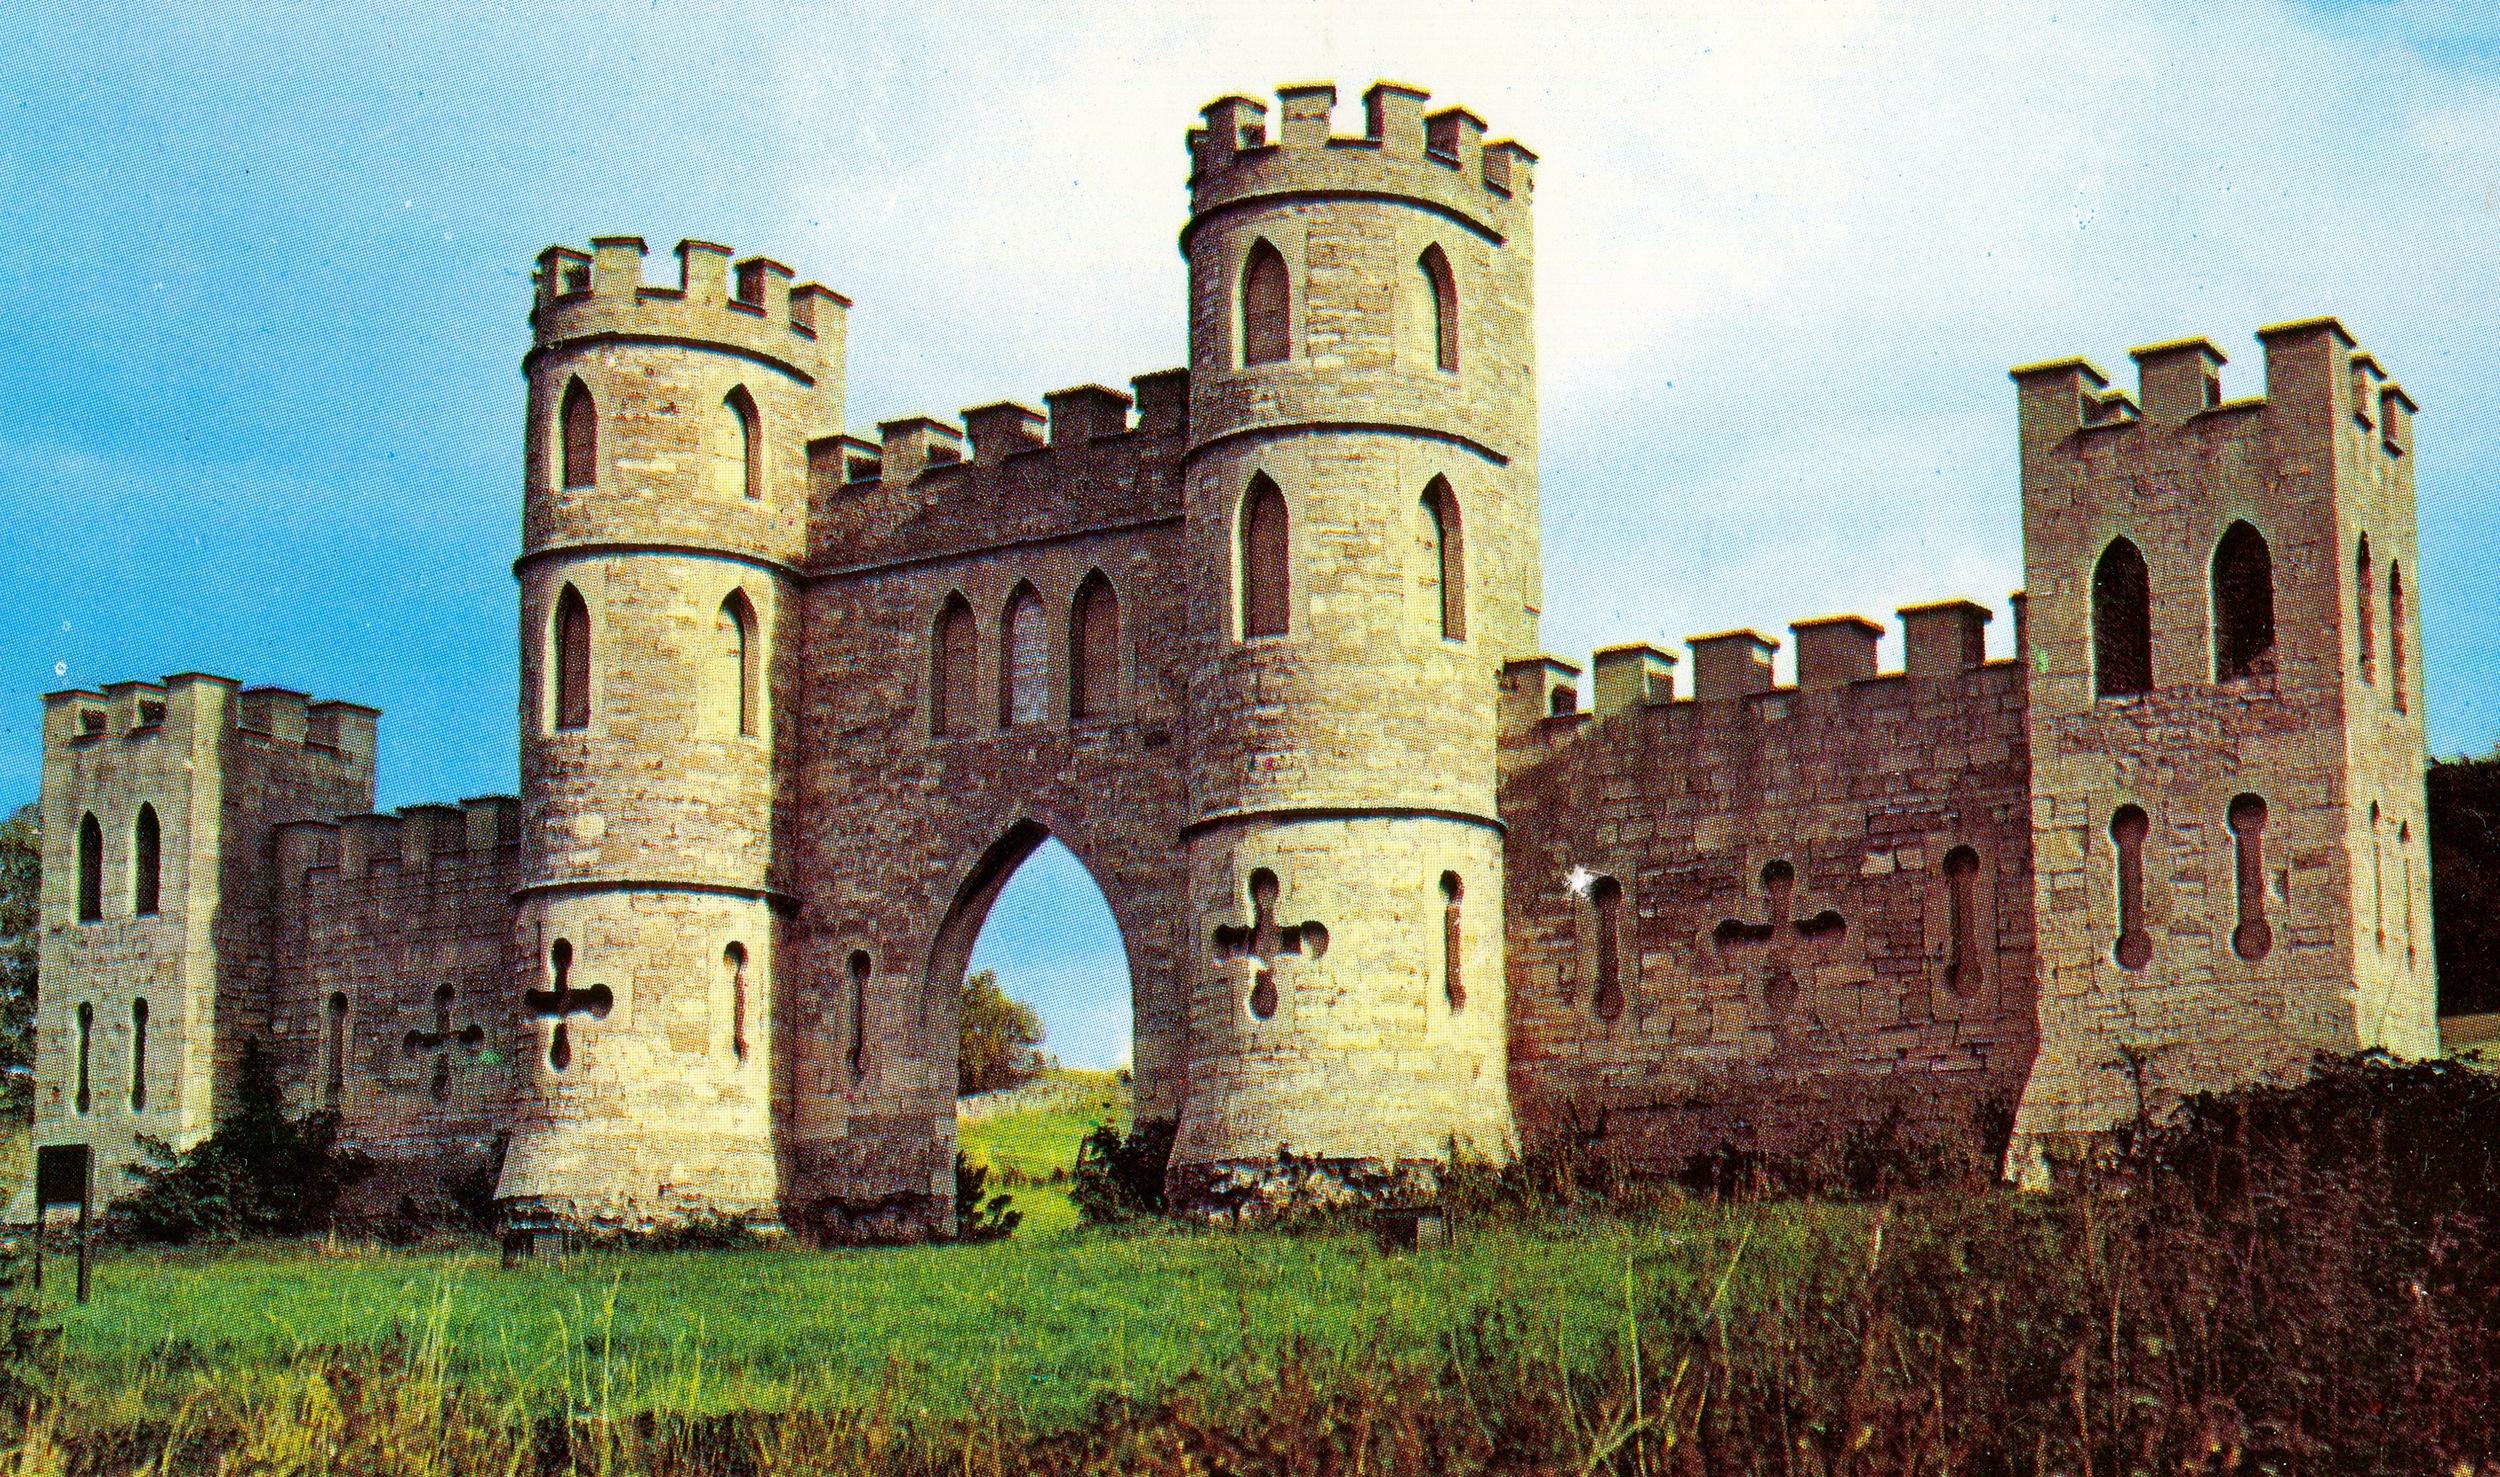 Sham Castle, England